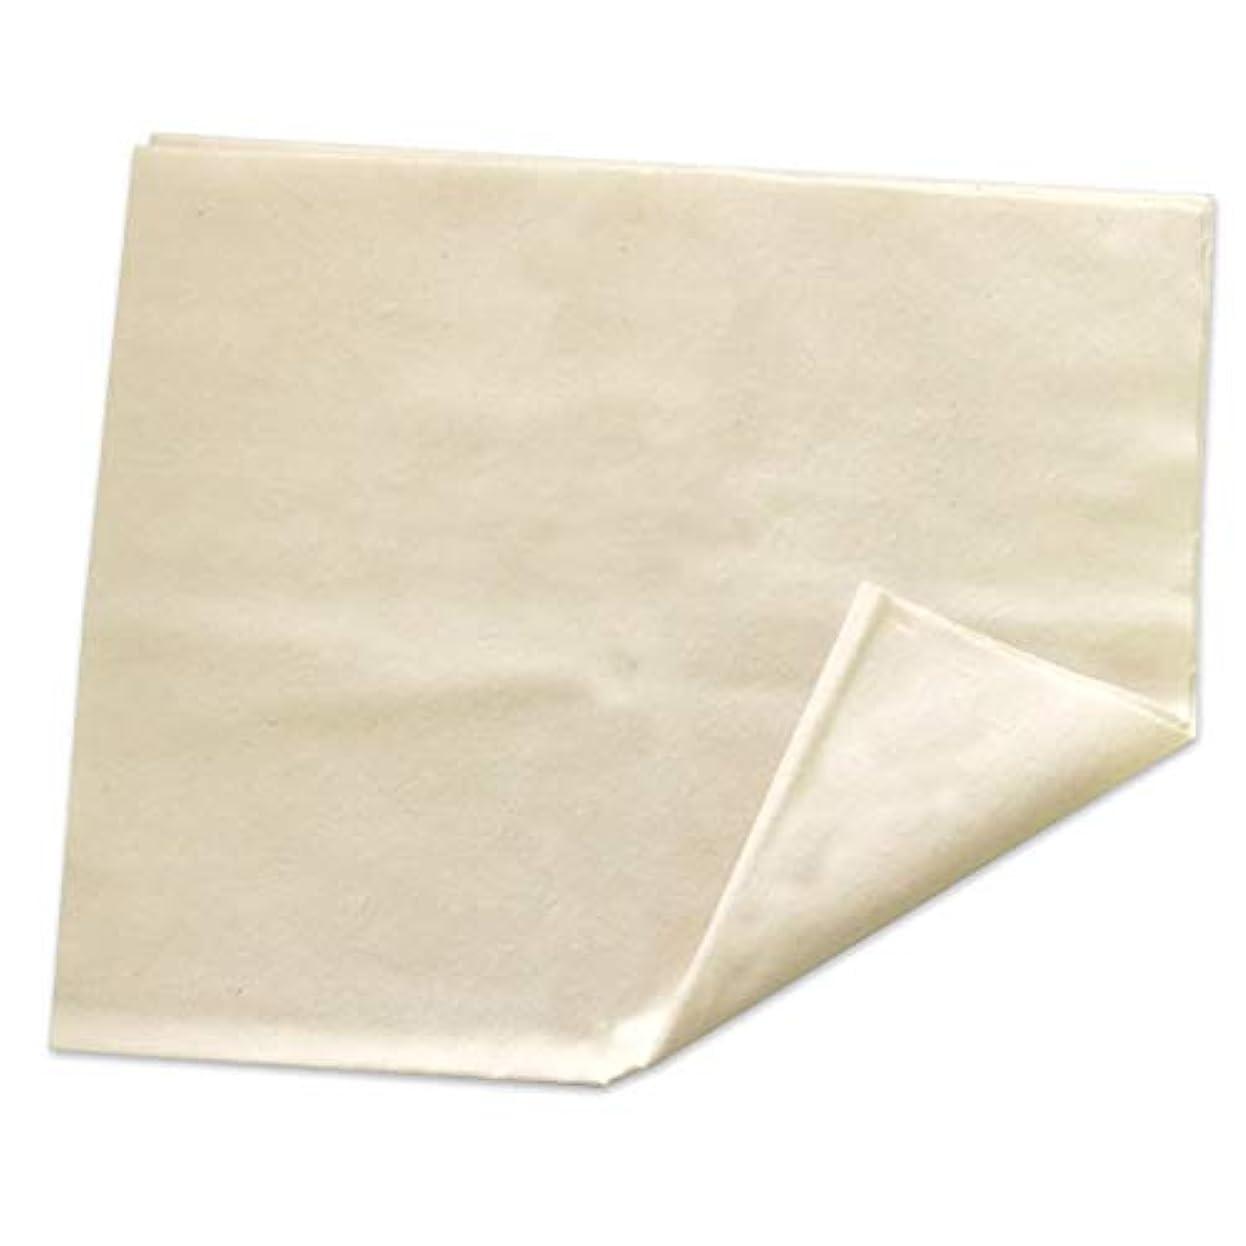 マインドフル悪化させる劣るコットンフランネル (コットンネル生地、綿100%、ヒマシ油パック、パック、ひまし油パック)